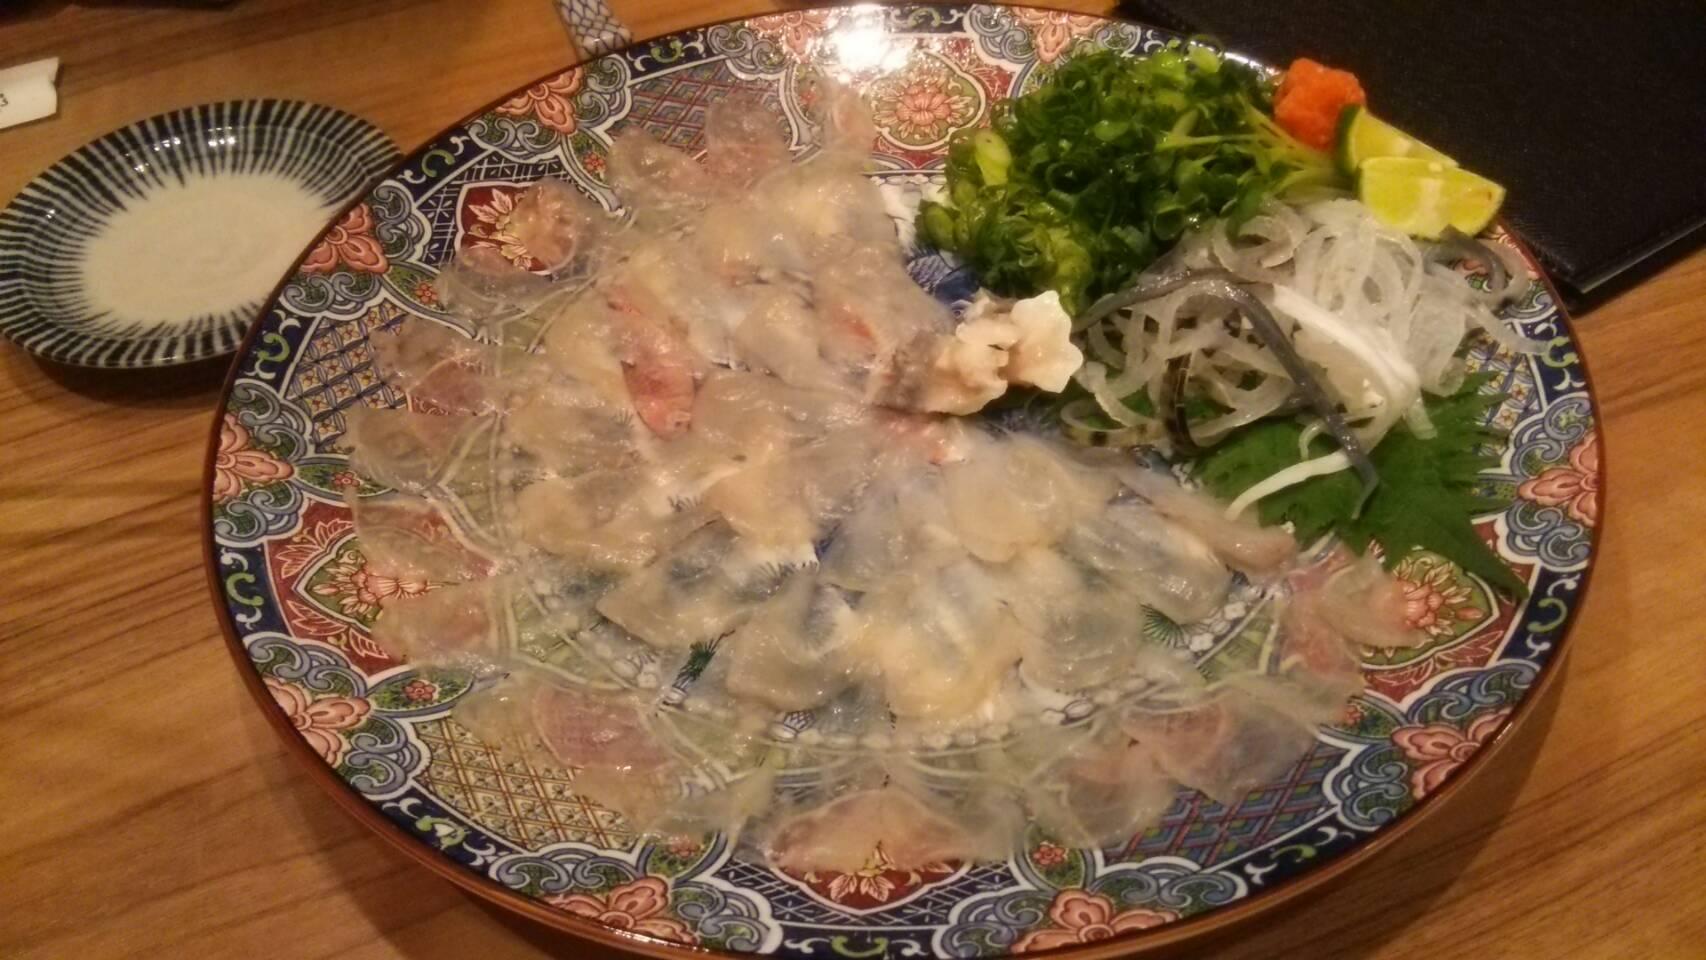 京都祇園のふぐ料理(京都市東山区/ふぐ料理)